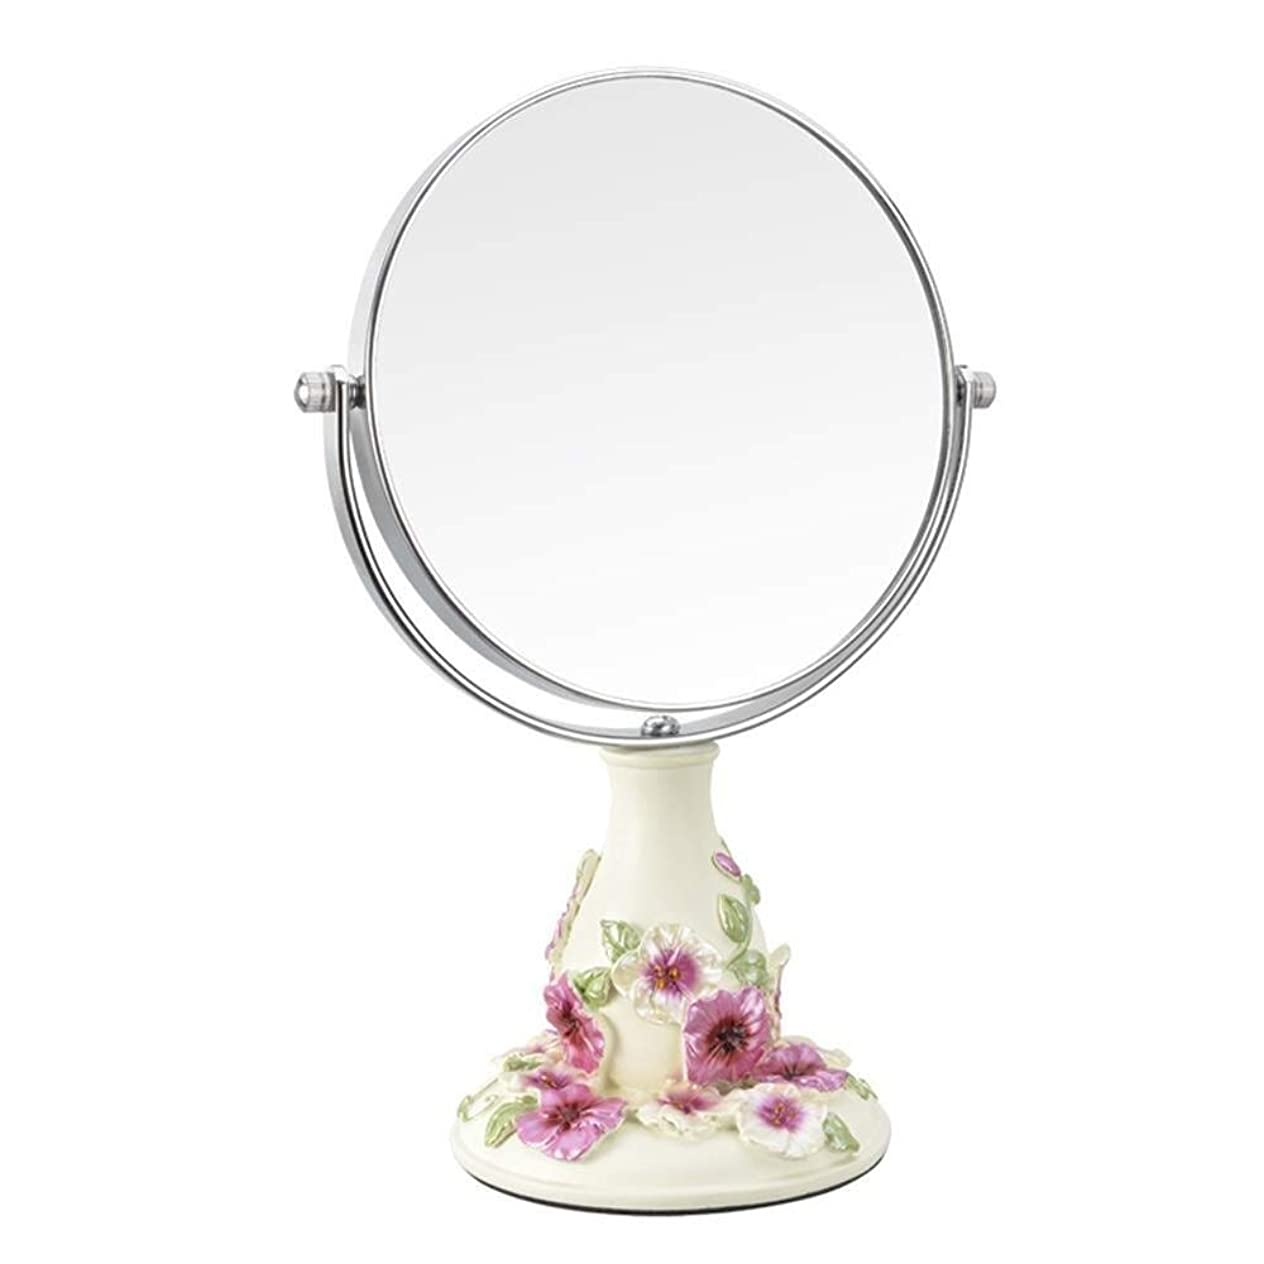 ノイズ予定カイウス流行の ビンテージ化粧鏡、鏡360°回転スタンド、1倍と3倍の倍率、ラウンドダブル両面回転化粧鏡